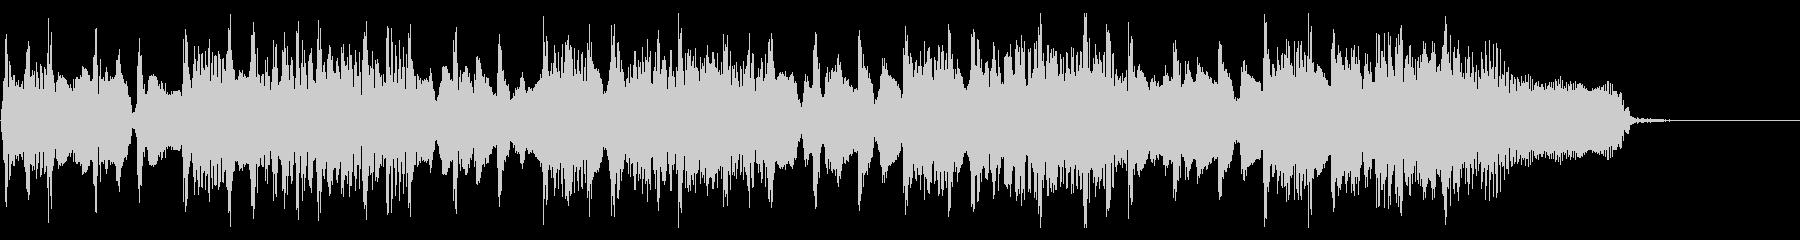 オープニング感あるロックジングルの未再生の波形